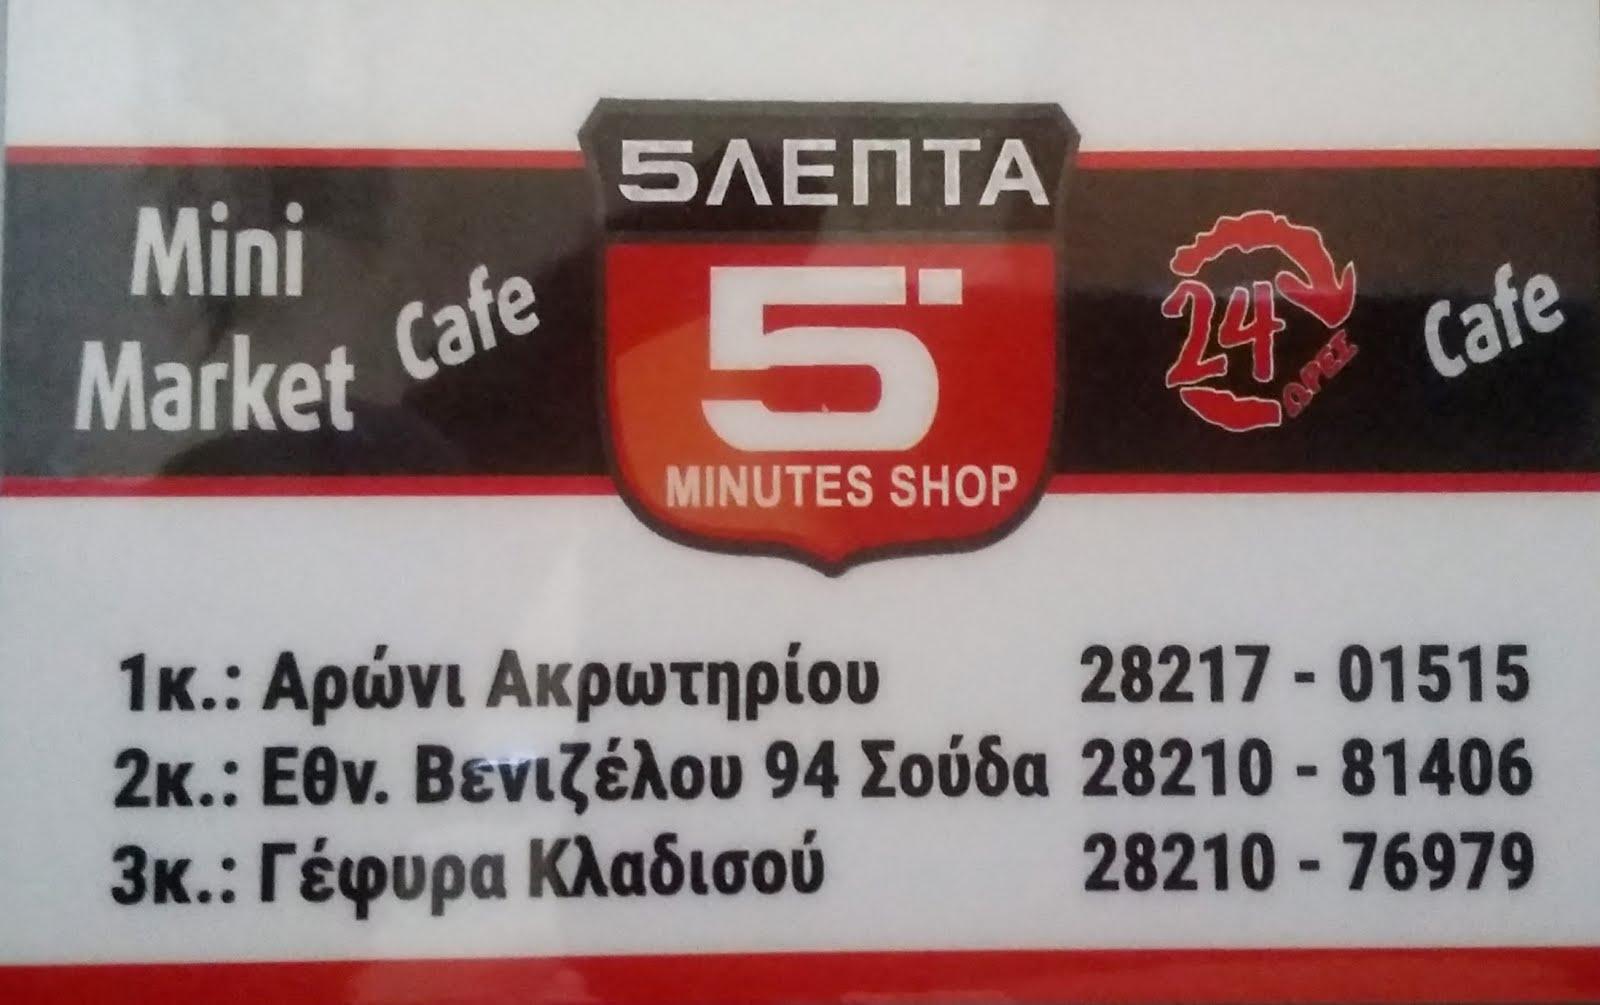 kafe 5 ΛΕΠΤΑ